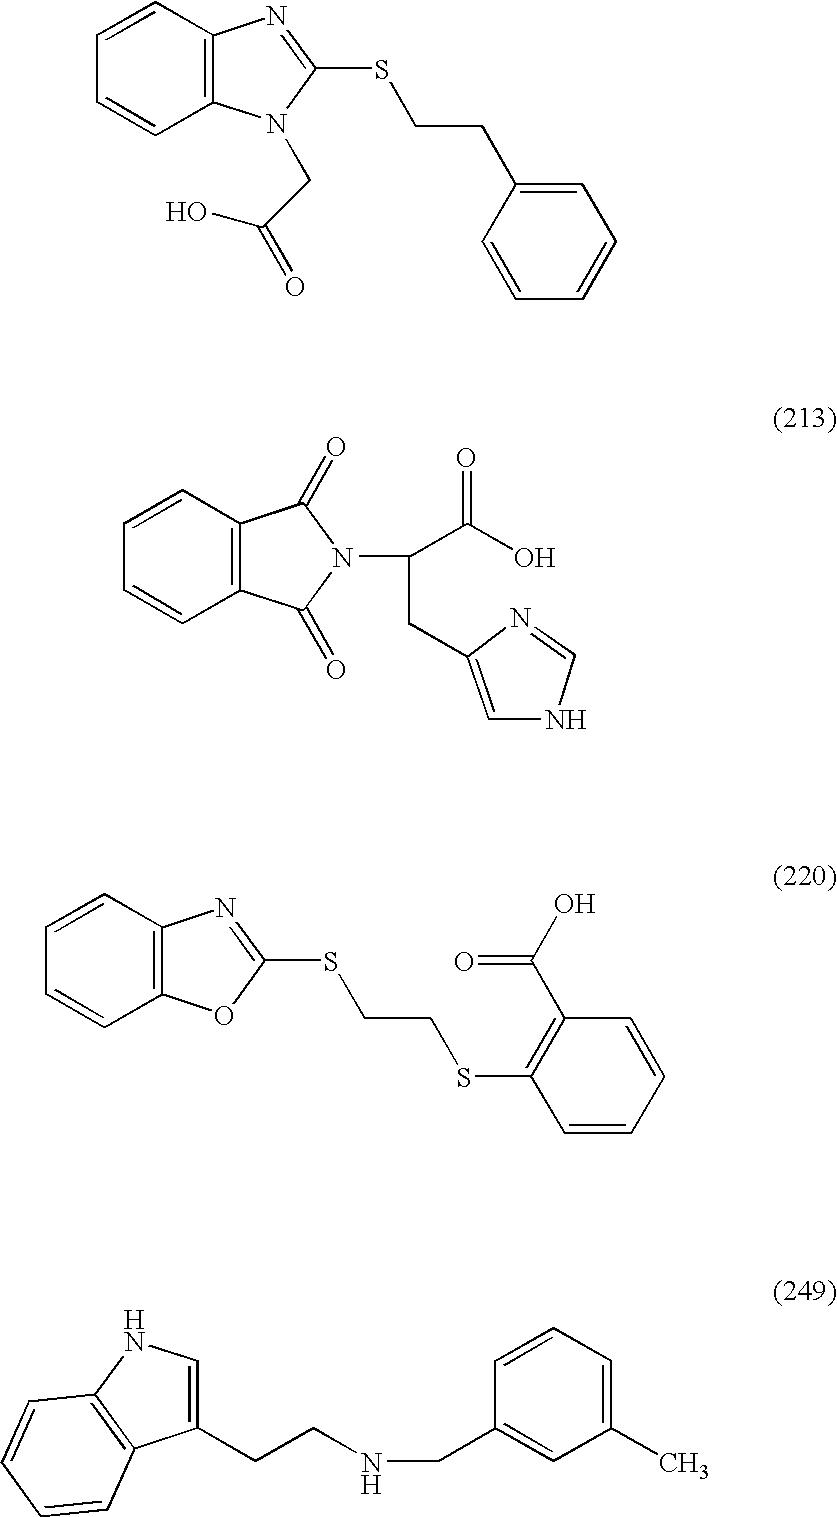 Figure US20070196395A1-20070823-C00004